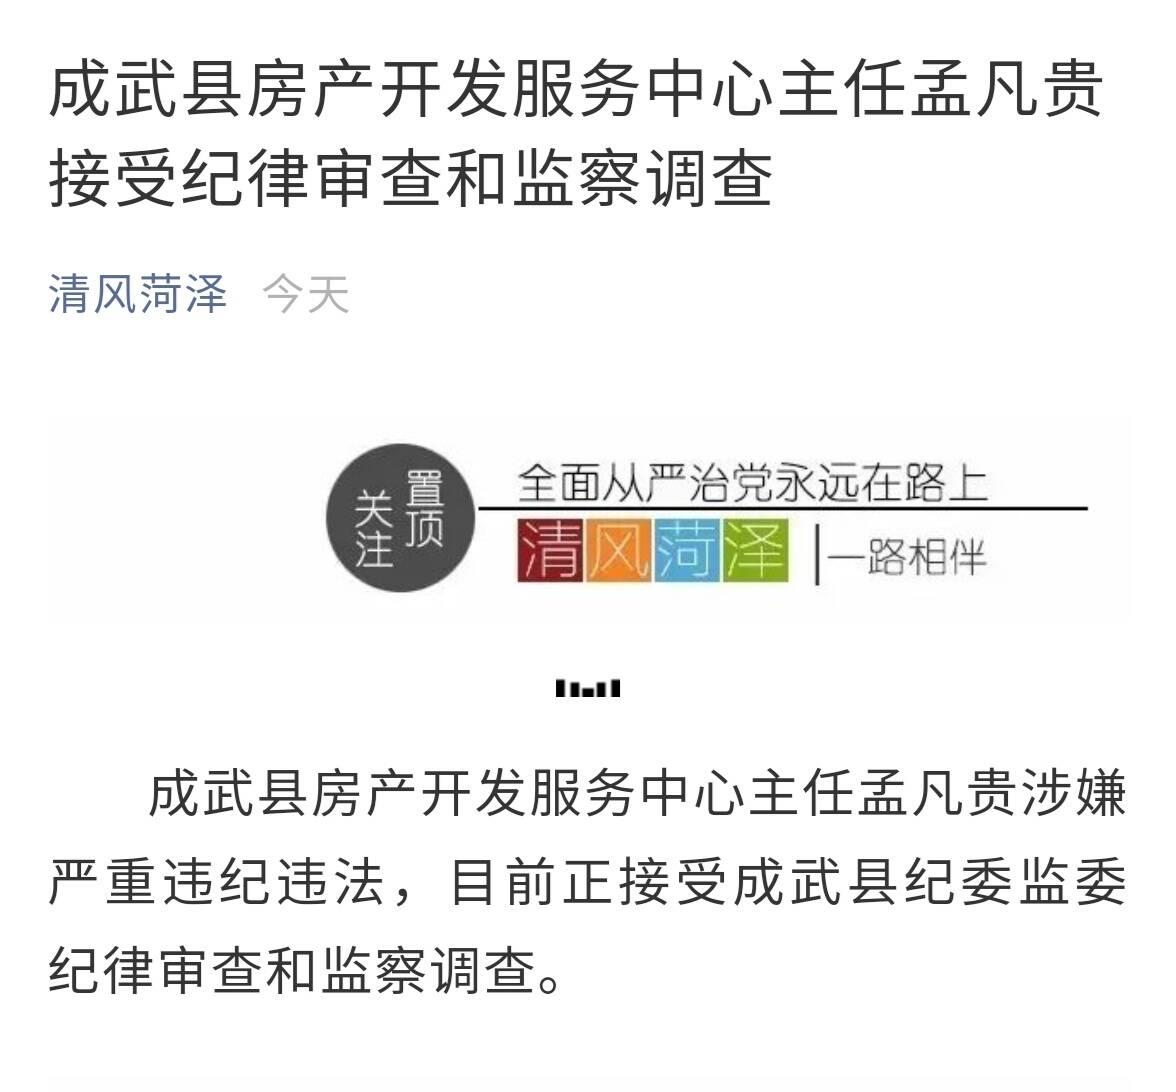 成武县房产开发服务中心主任孟凡贵接受纪律审查和监察调查